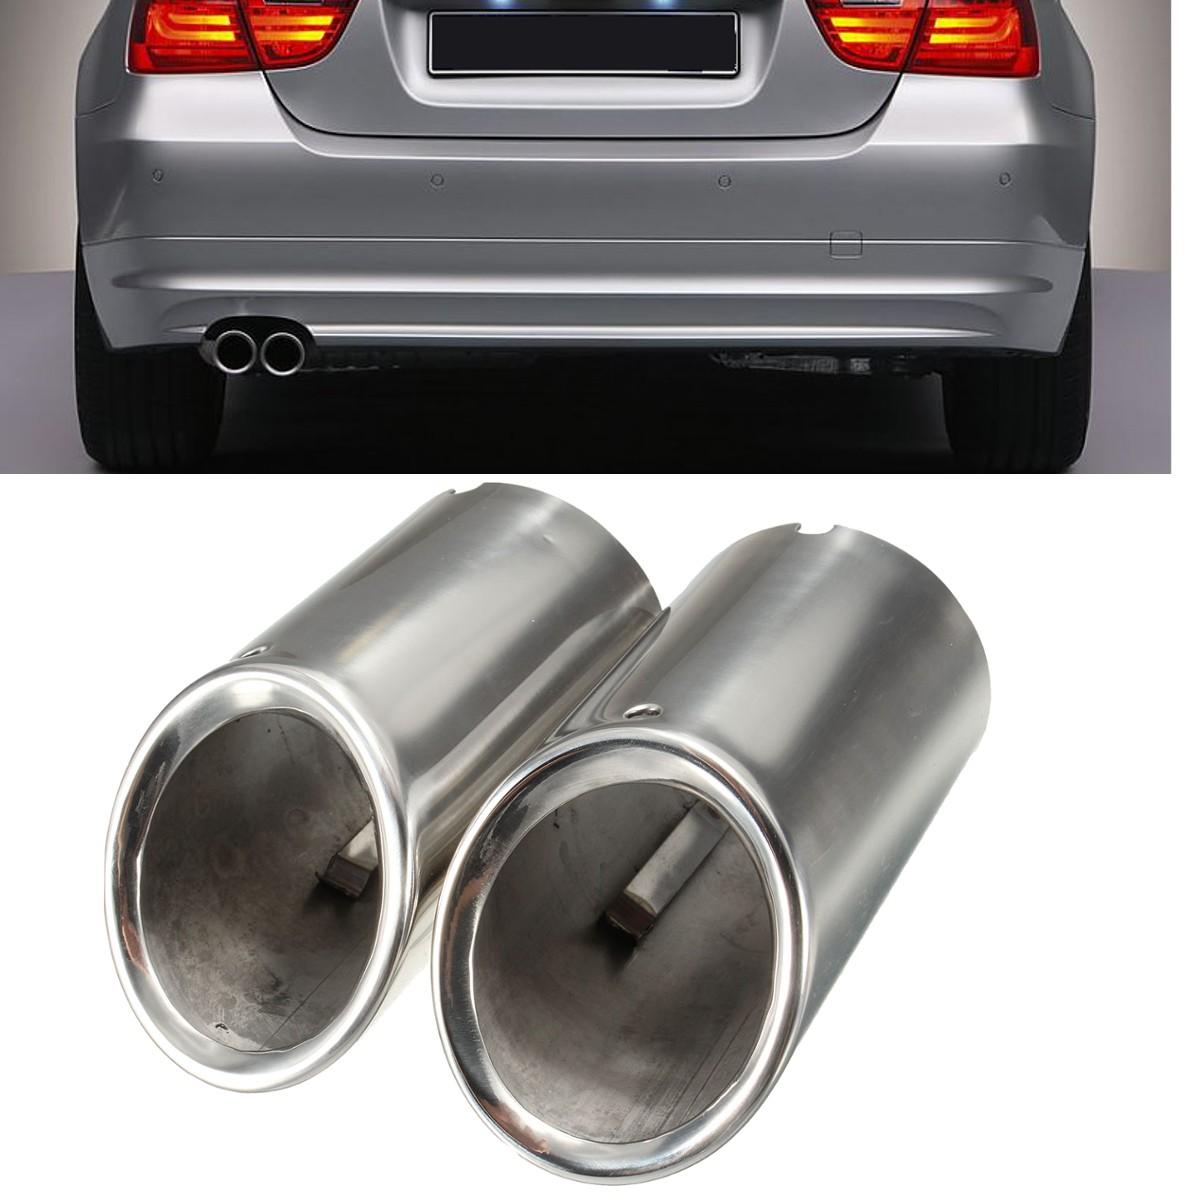 Muffler Exhaust Tail Pipe Tip Chrome For Bmw E90 E92 325 3